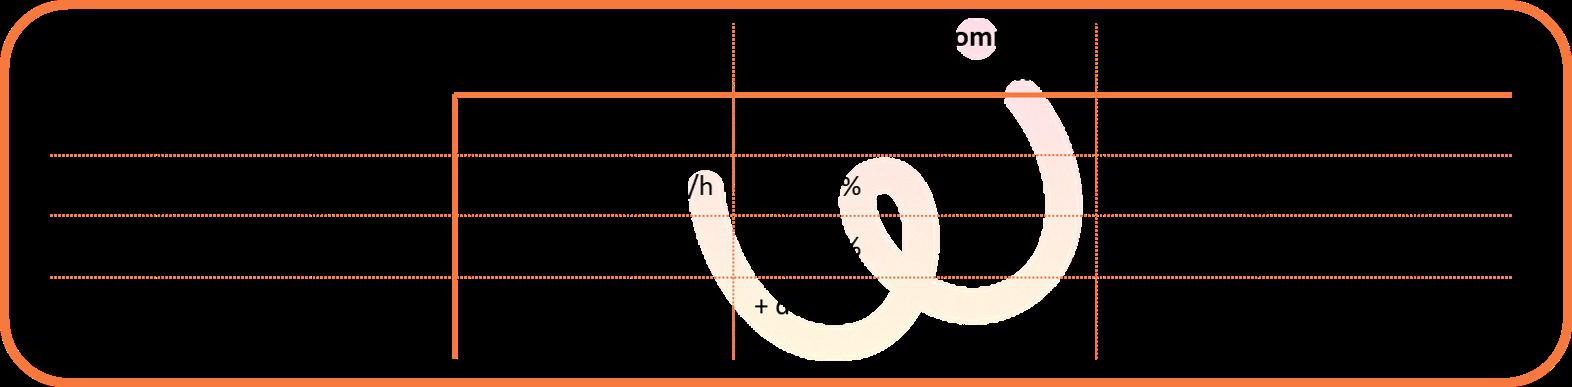 Variation d'intensité pendant un exercice de marche